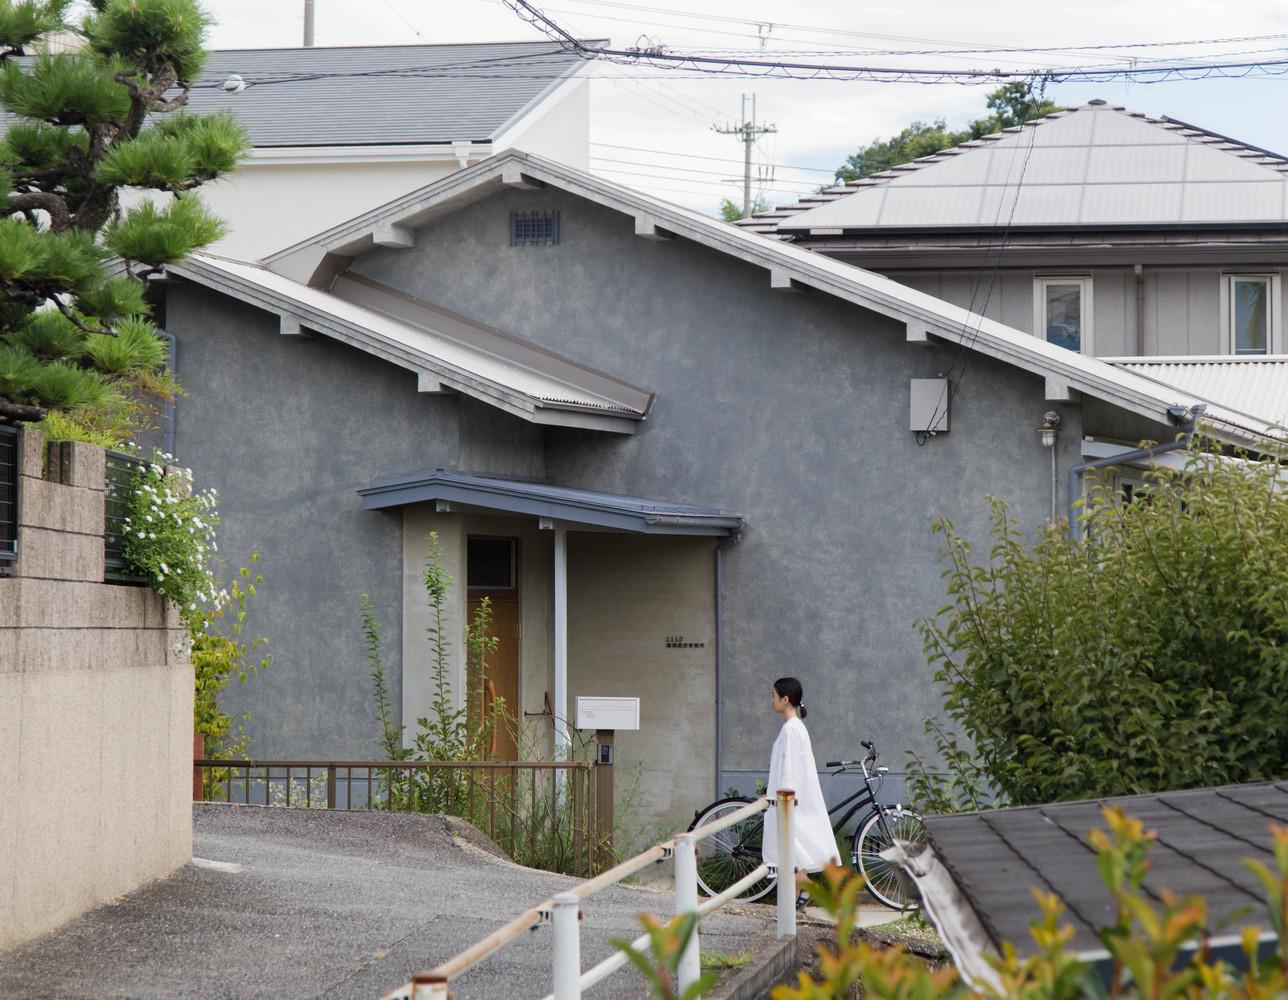 House Between Park And Farm / Hiroto Kawaguchi